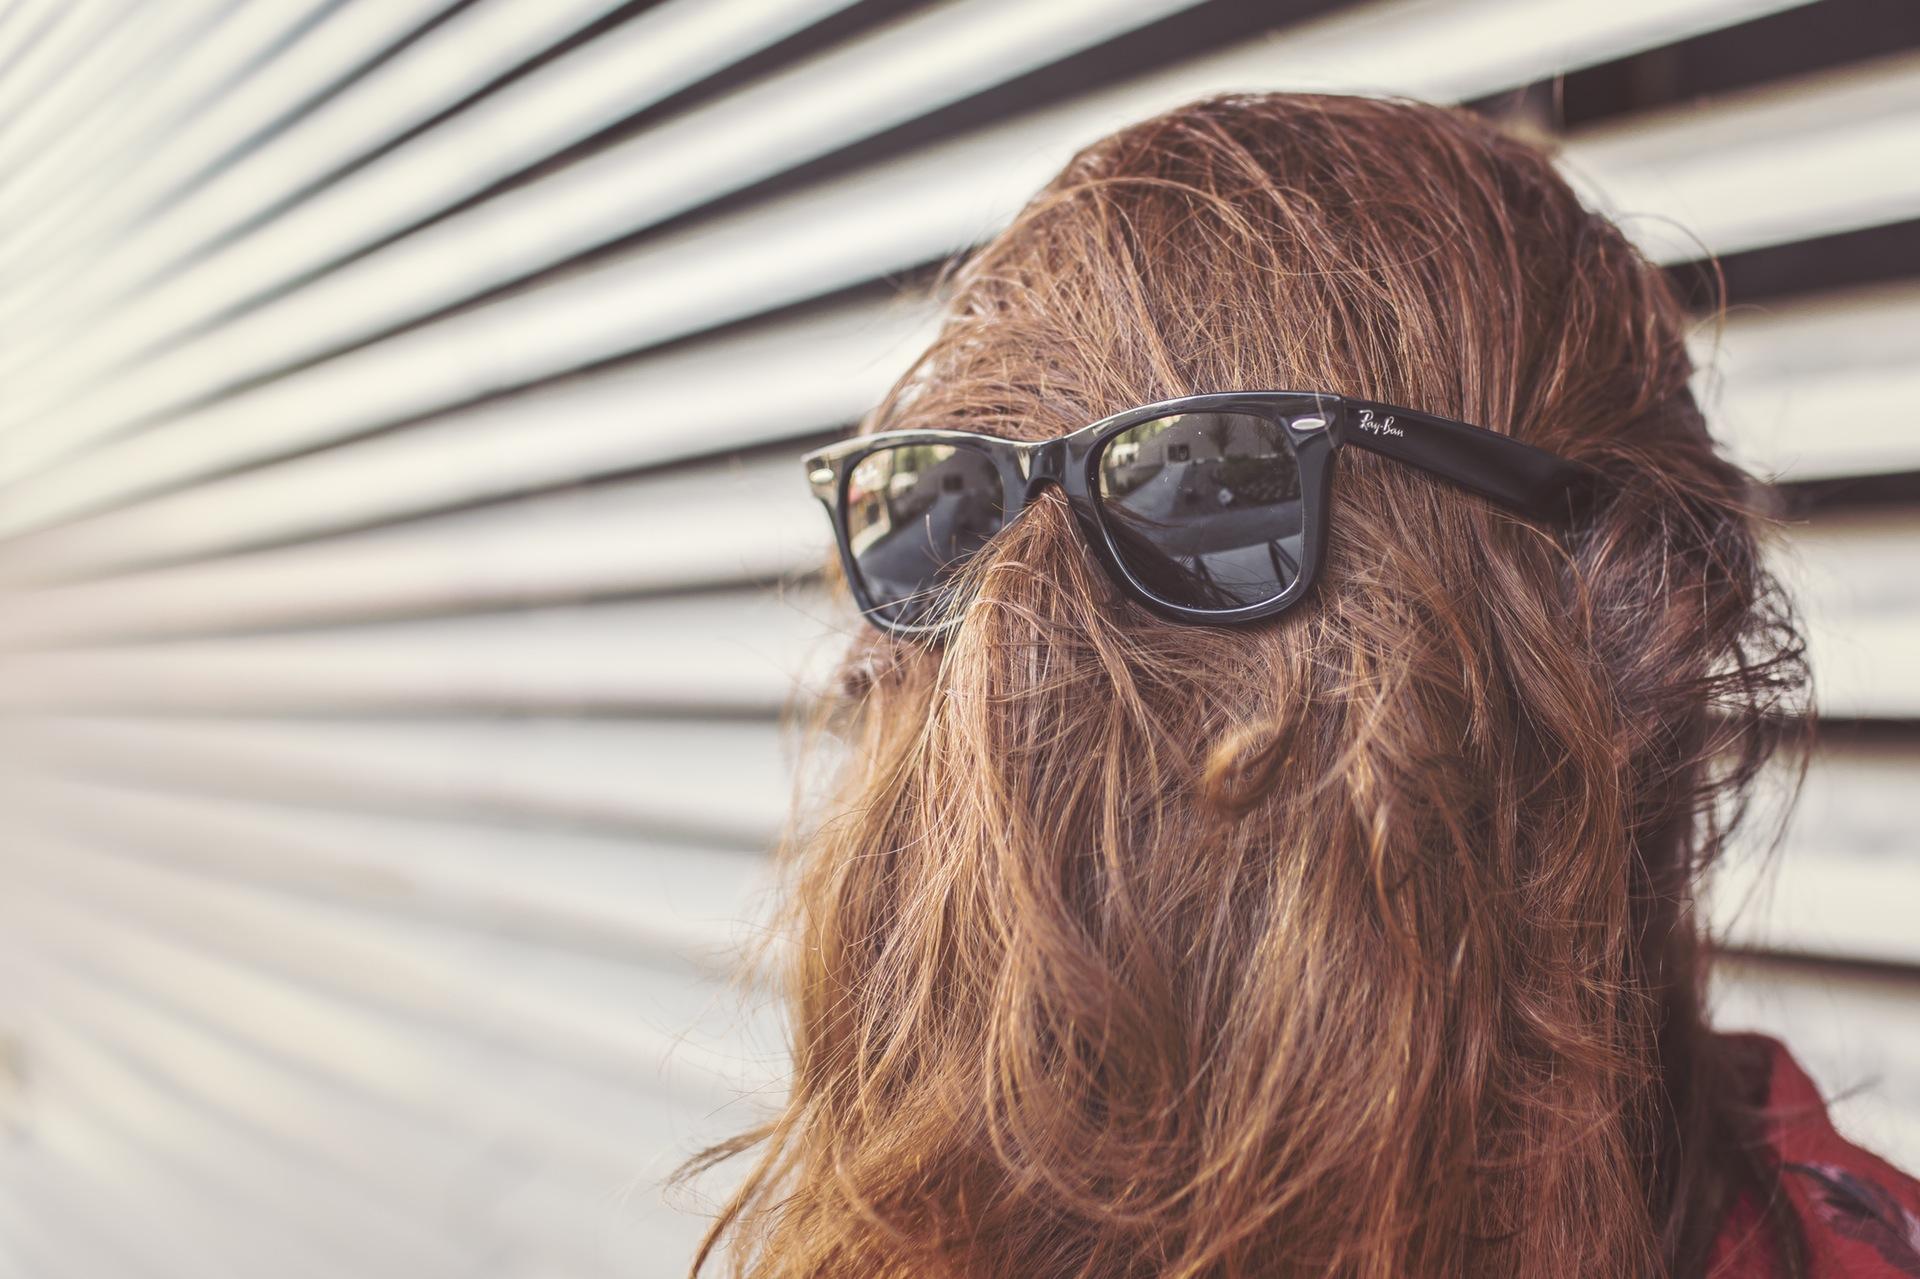 humor, gafas, pelo, broma, chewbacca - Fondos de Pantalla HD - professor-falken.com